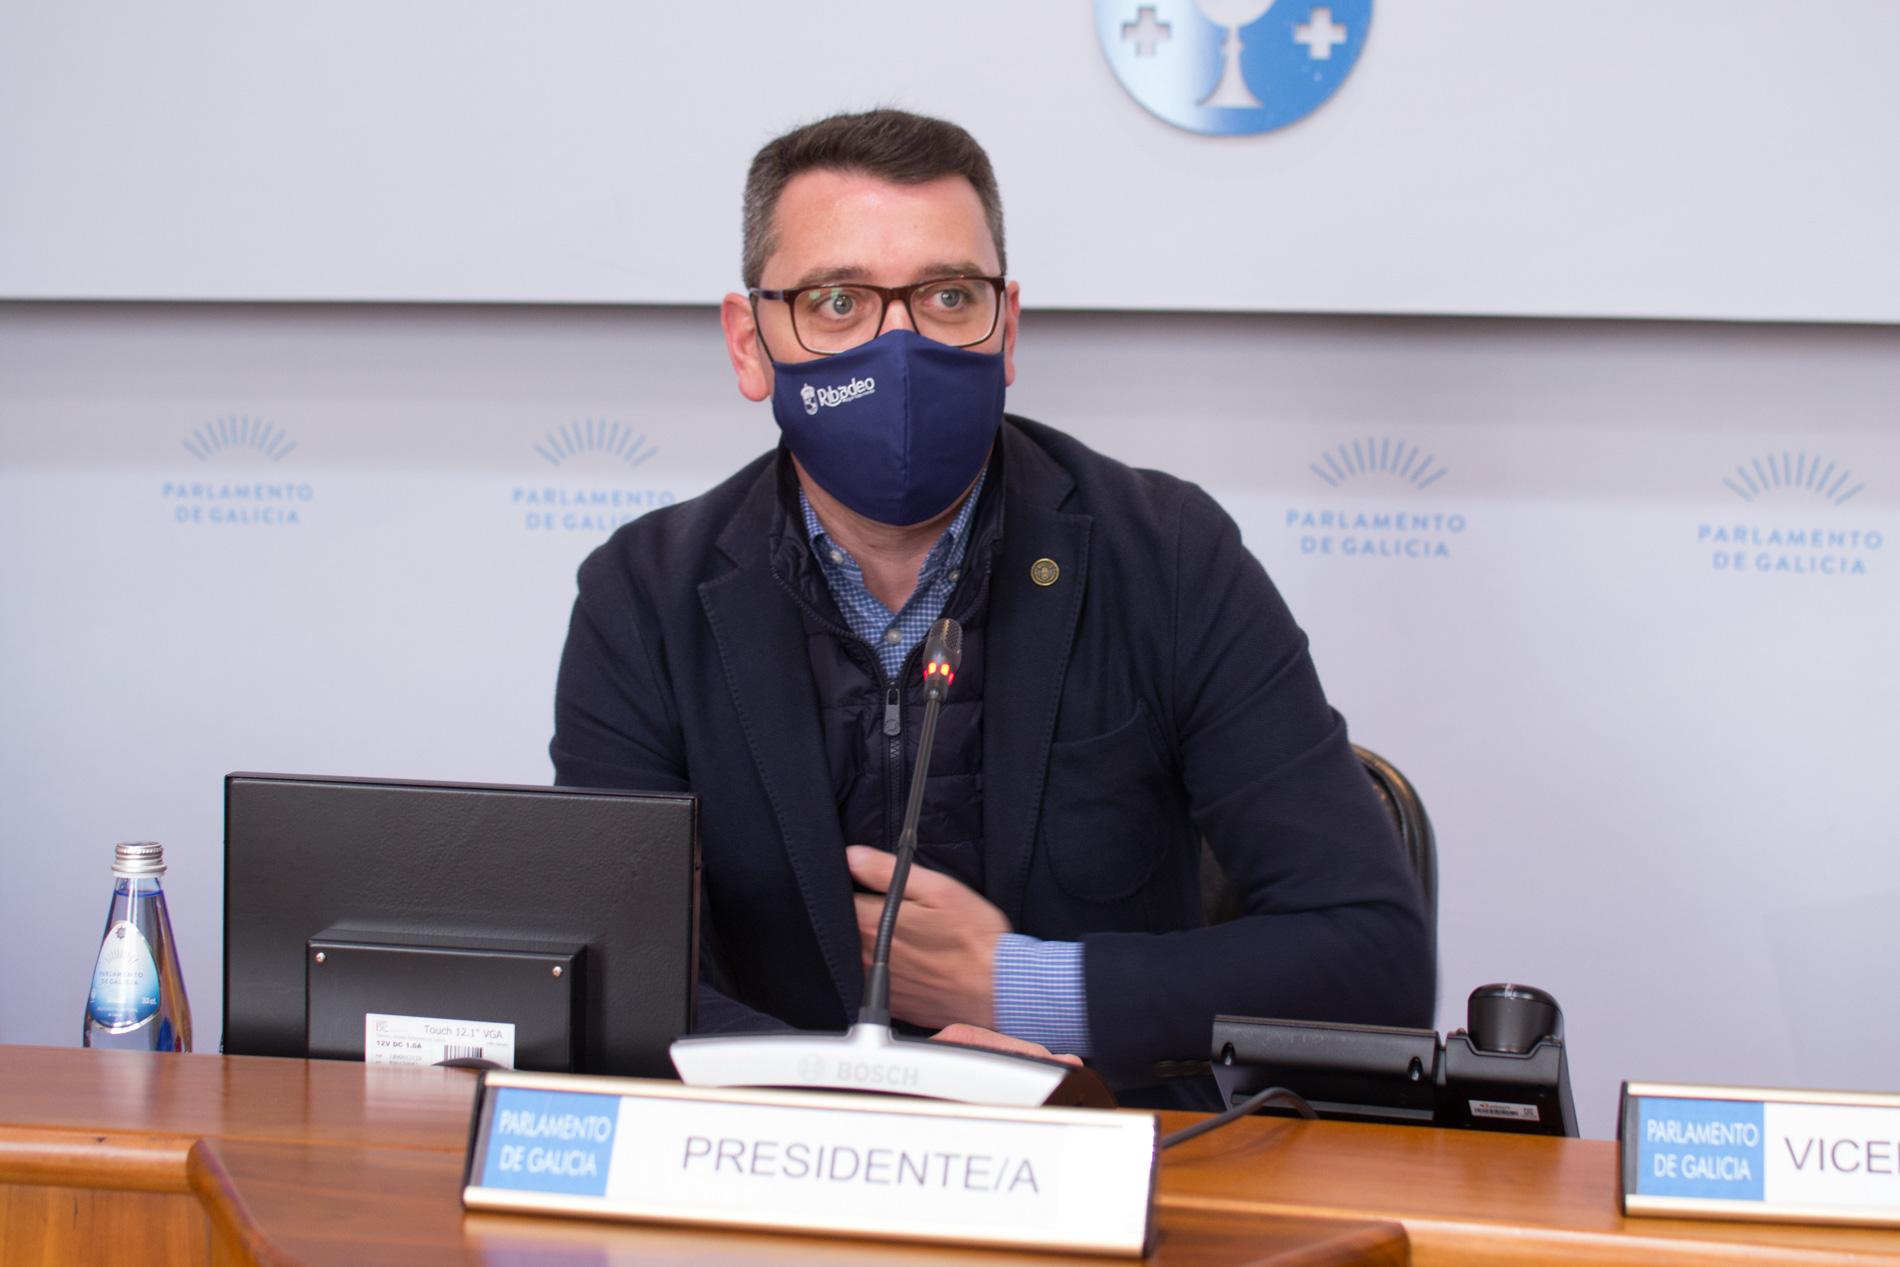 O Grupo Popular resalta os máis de 9 millóns de euros de  axudas da Xunta ao sector de carne de vacún para paliar as consecuencias derivadas da pandemia